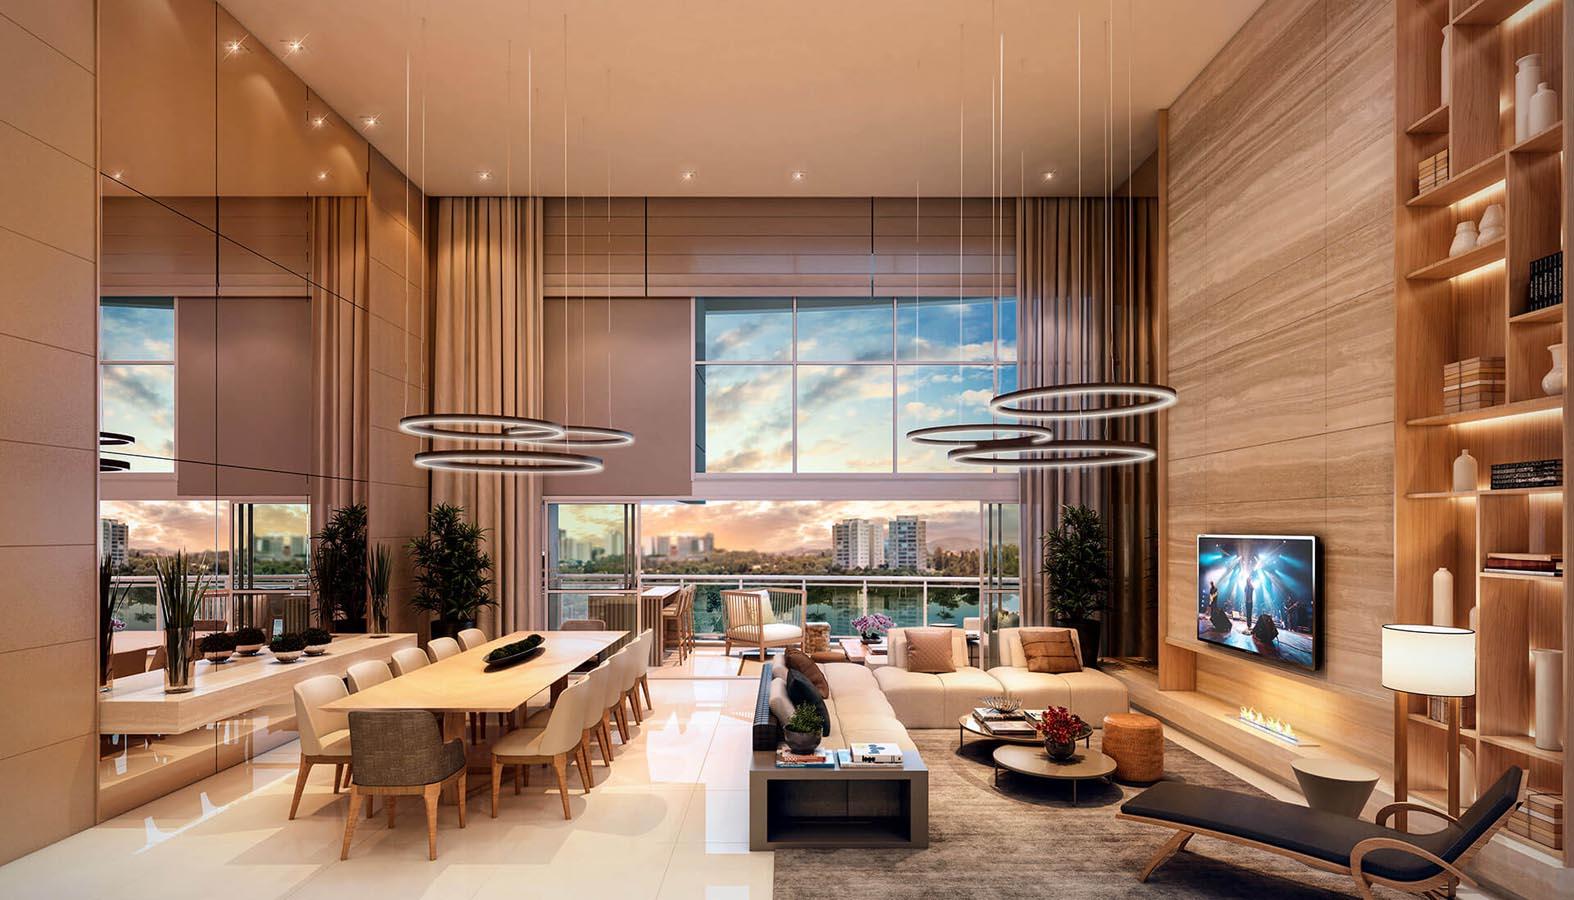 Perspectiva ilustrada do living do apartamento decorado (pavimento par) com pé-direito duplo.